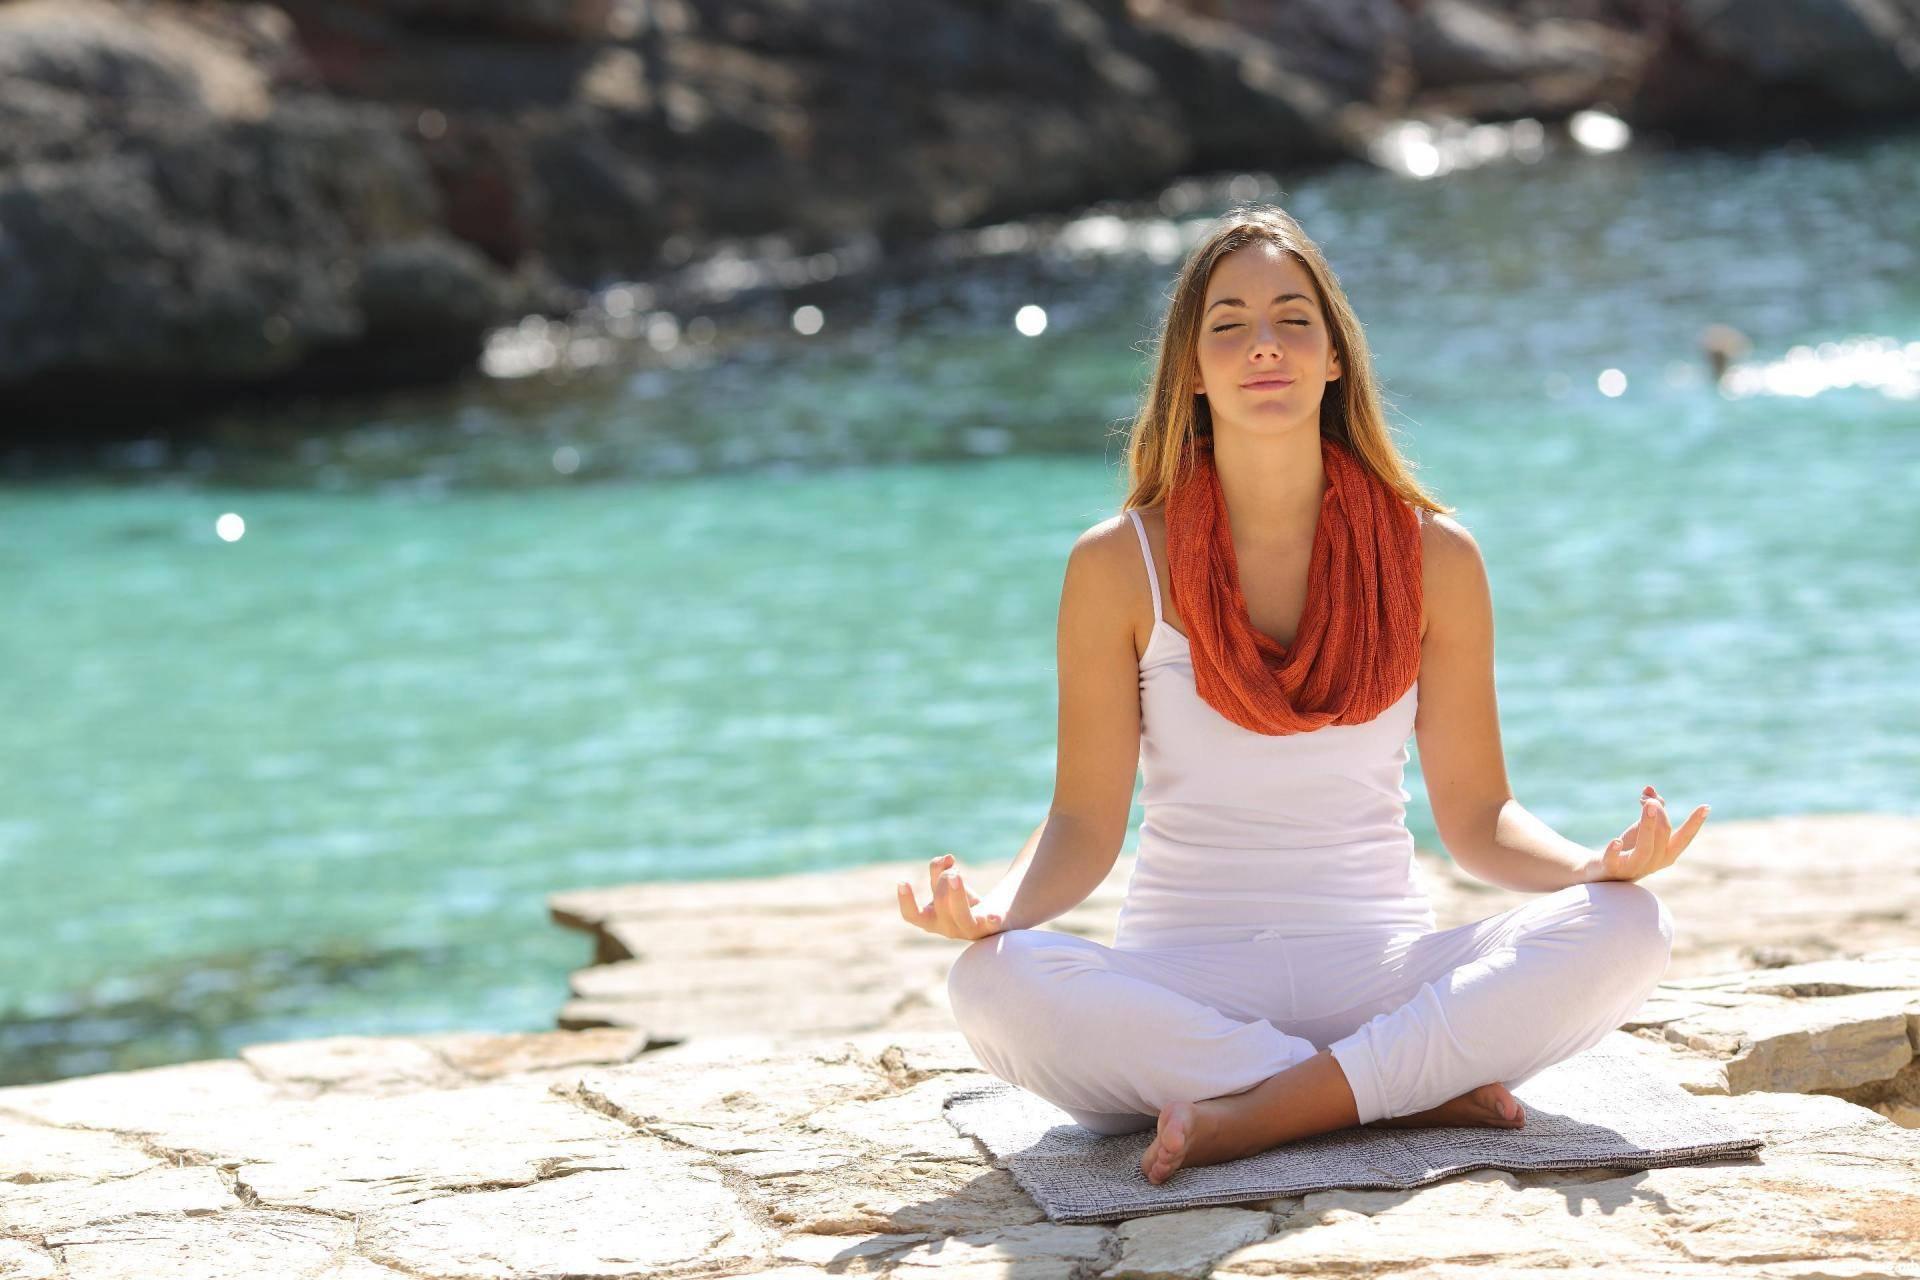 Сопротивление и сброс негативных эмоций в практике йоги - psy yoga studio - psy yoga studio